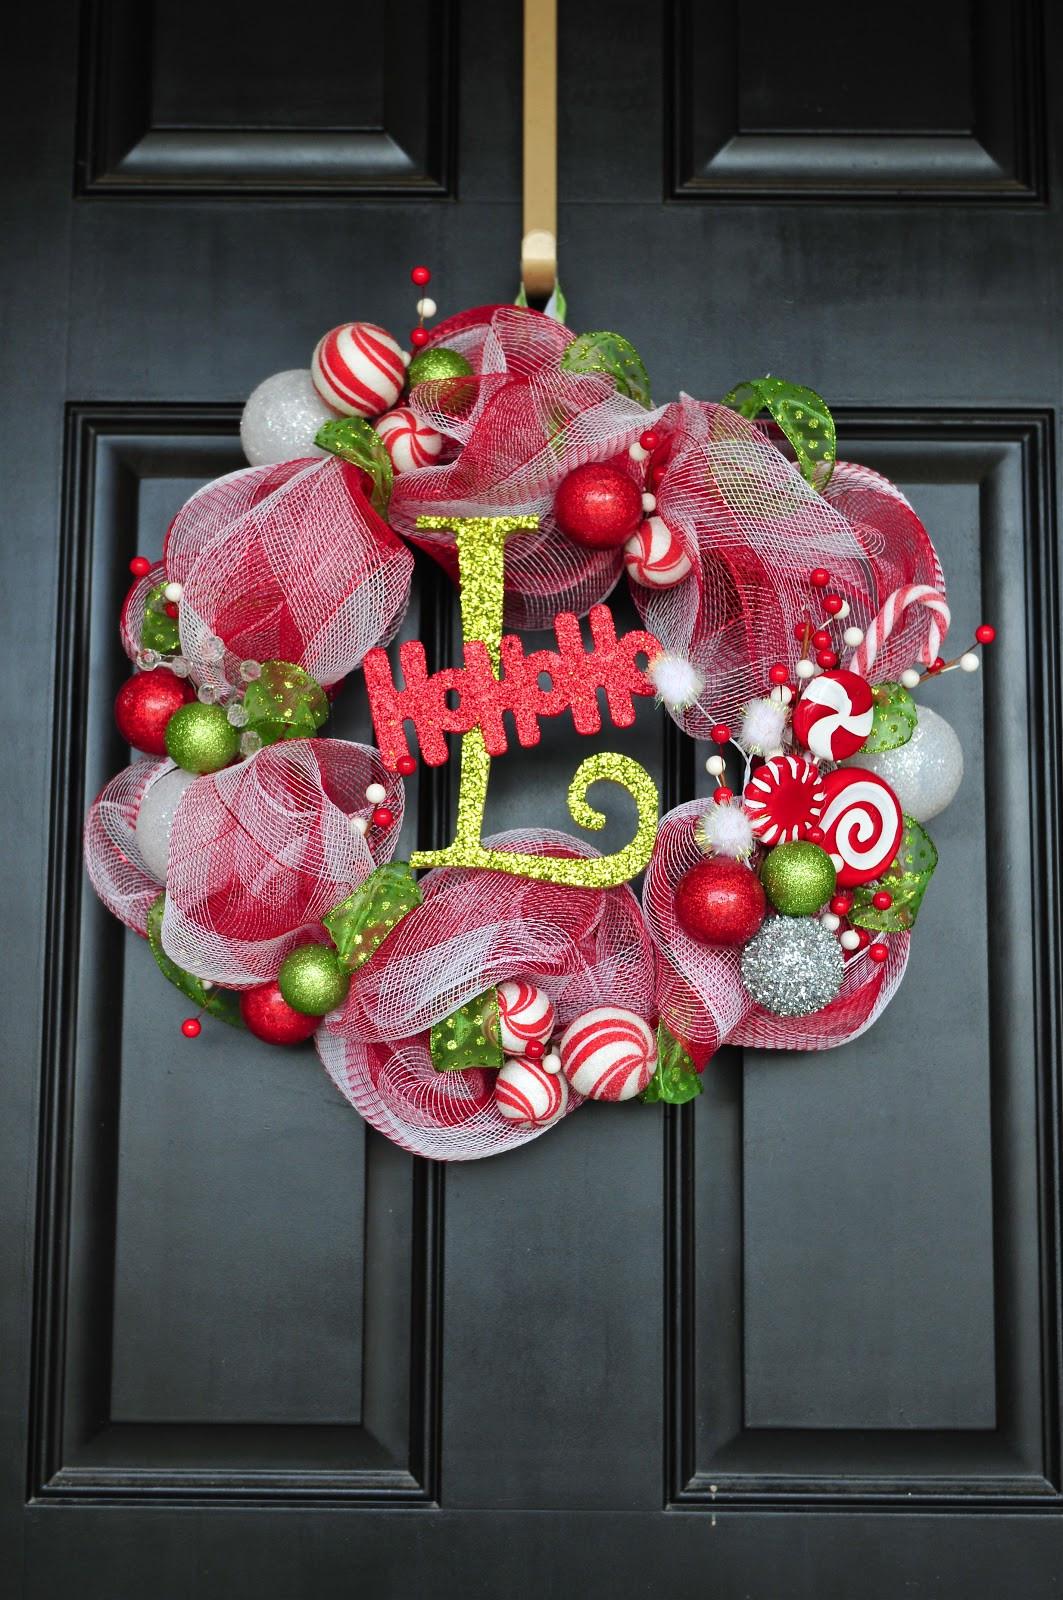 DIY Christmas Wreath Ideas  DIY Til We Die Easy Christmas mesh wreaths